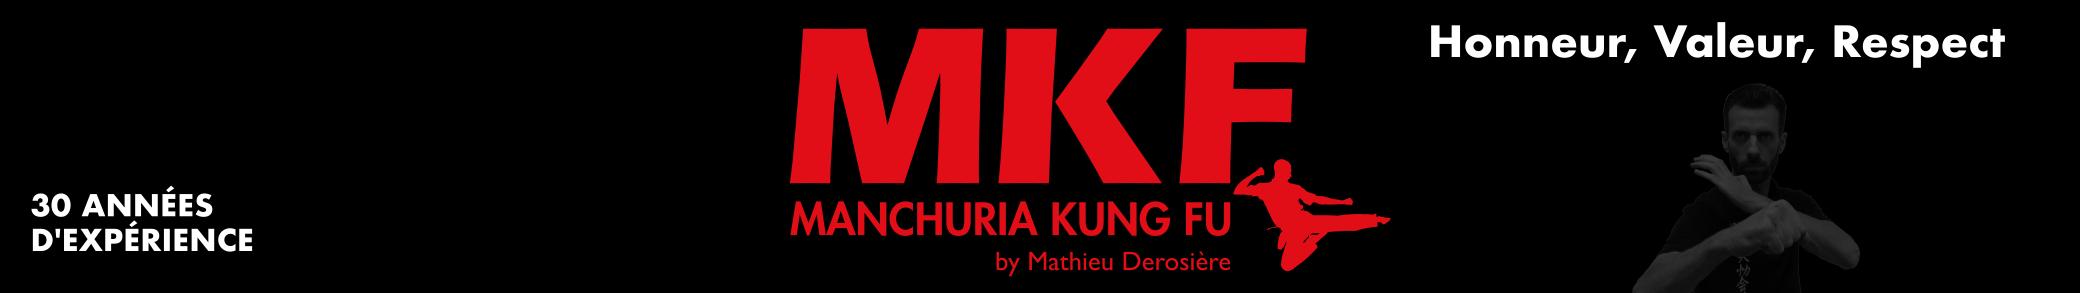 Manchuria Kung Fu – Beuvry, Béthune, Arras, Saint-Etienne, et autres clubs